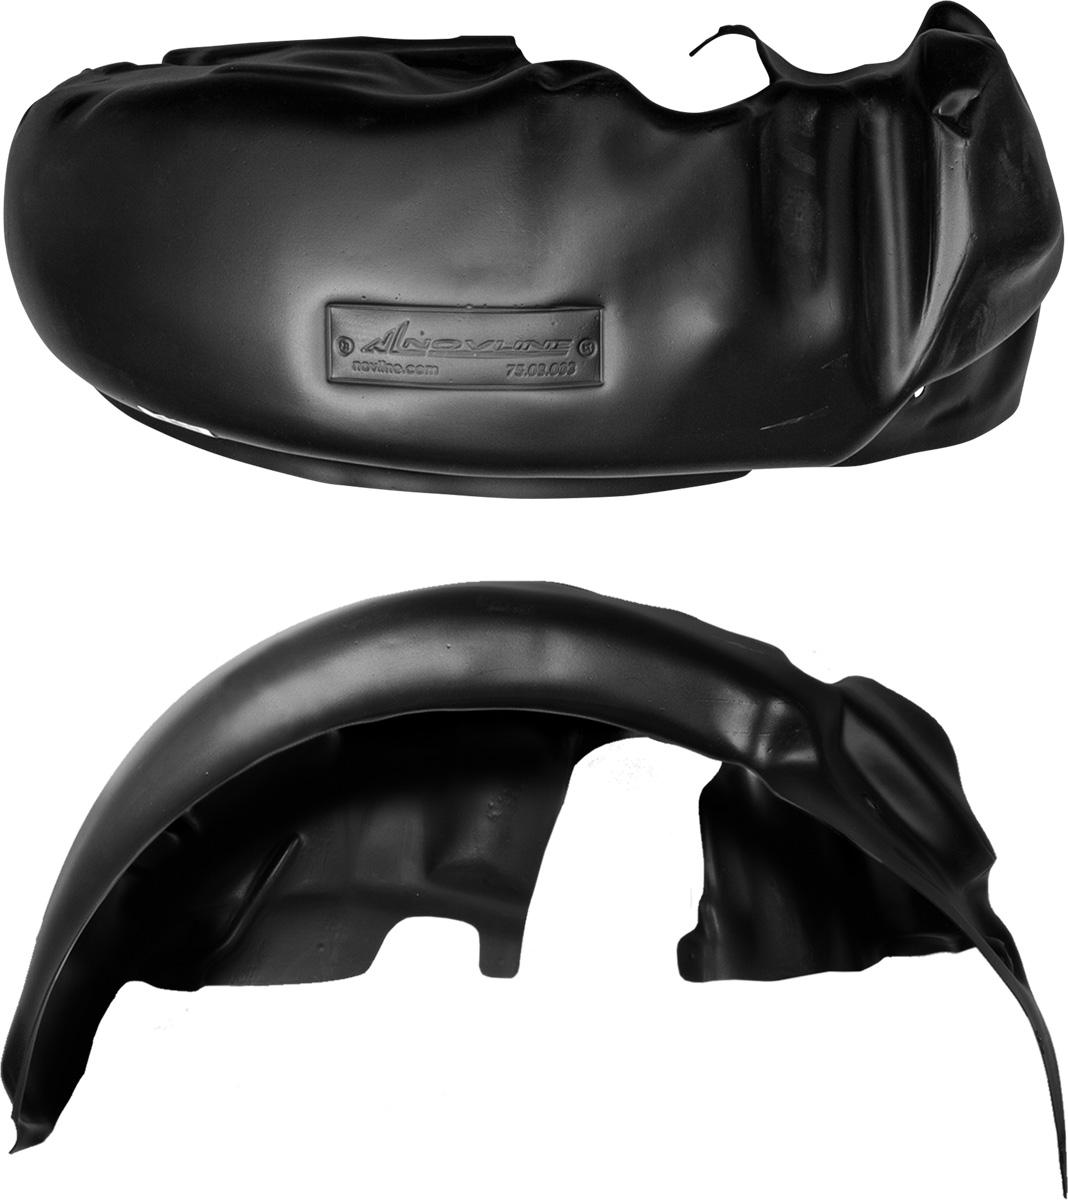 Подкрылок Novline-Autofamily, для Hyundai Solaris, 2014->, седан, передний левыйCA-3505Колесные ниши - одни из самых уязвимых зон днища вашего автомобиля. Они постоянно подвергаются воздействию со стороны дороги. Лучшая, почти абсолютная защита для них - специально отформованные пластиковые кожухи, которые называются подкрылками. Производятся они как для отечественных моделей автомобилей, так и для иномарок. Подкрылки Novline-Autofamily выполнены из высококачественного, экологически чистого пластика. Обеспечивают надежную защиту кузова автомобиля от пескоструйного эффекта и негативного влияния, агрессивных антигололедных реагентов. Пластик обладает более низкой теплопроводностью, чем металл, поэтому в зимний период эксплуатации использование пластиковых подкрылков позволяет лучше защитить колесные ниши от налипания снега и образования наледи. Оригинальность конструкции подчеркивает элегантность автомобиля, бережно защищает нанесенное на днище кузова антикоррозийное покрытие и позволяет осуществить крепление подкрылков внутри колесной арки практически без дополнительного крепежа и сверления, не нарушая при этом лакокрасочного покрытия, что предотвращает возникновение новых очагов коррозии. Подкрылки долговечны, обладают высокой прочностью и сохраняют заданную форму, а также все свои физико-механические характеристики в самых тяжелых климатических условиях (от -50°С до +50°С).Уважаемые клиенты!Обращаем ваше внимание, на тот факт, что подкрылок имеет форму, соответствующую модели данного автомобиля. Фото служит для визуального восприятия товара.